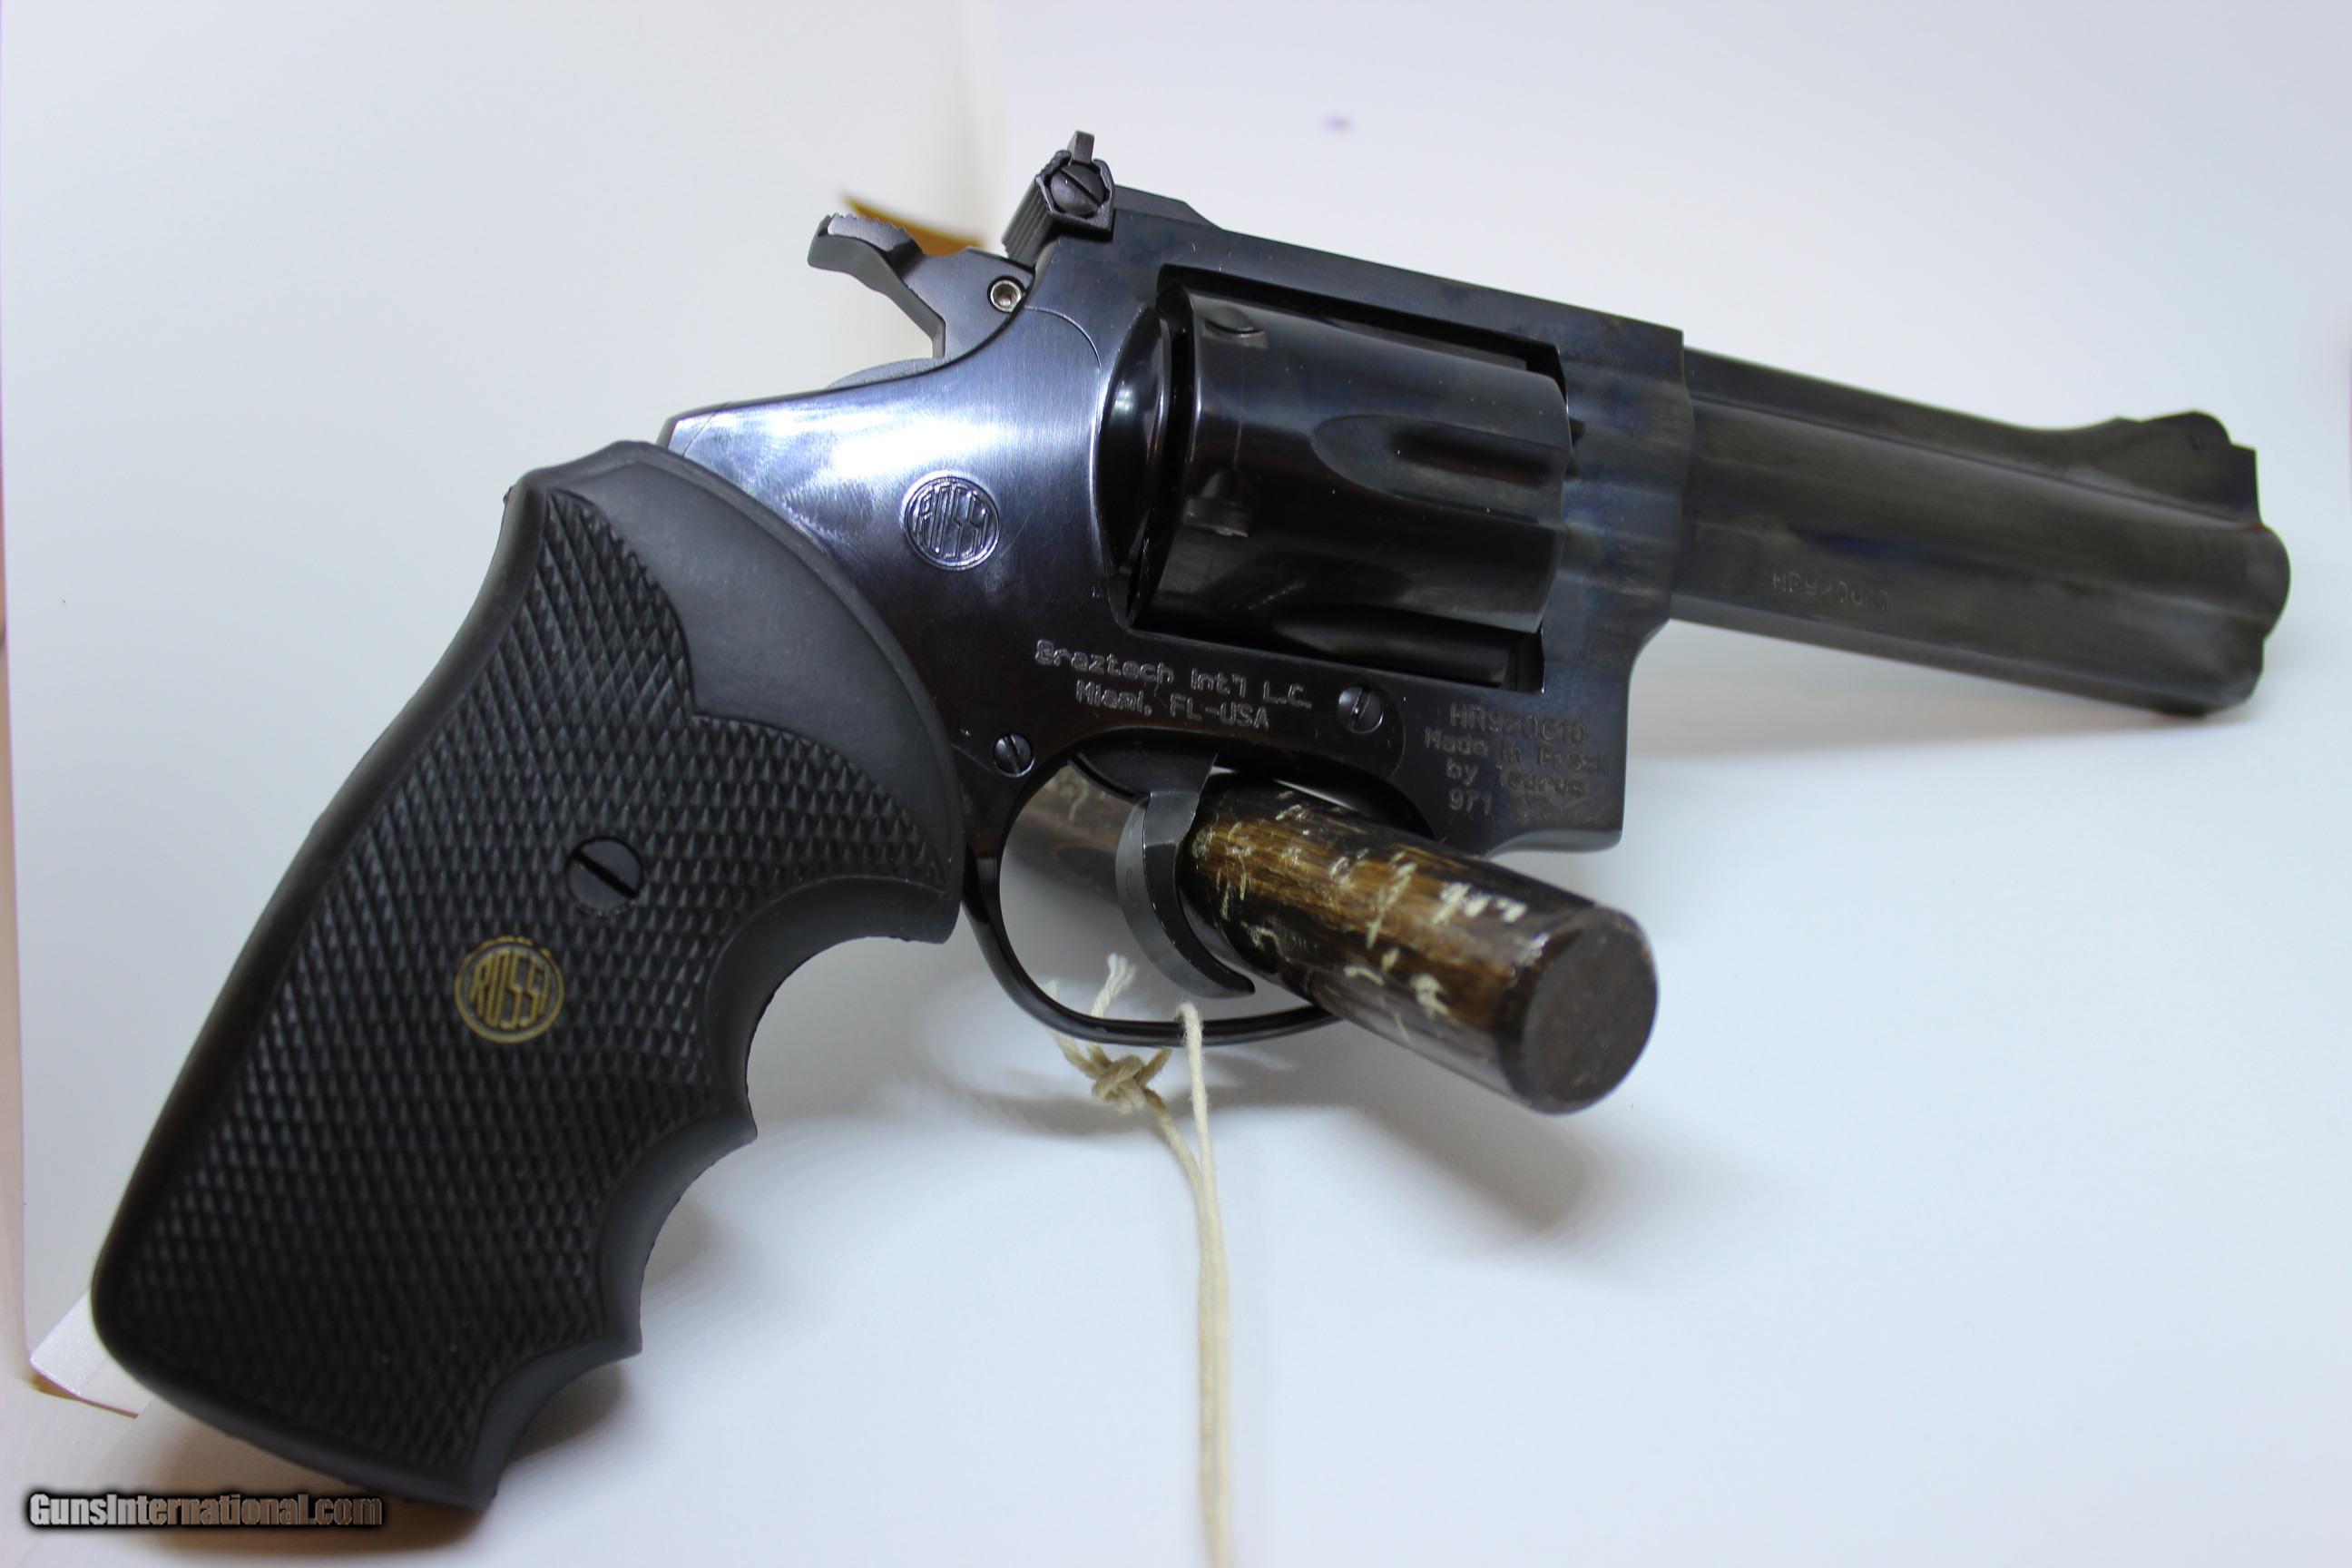 taurus 971 357 mag pistol